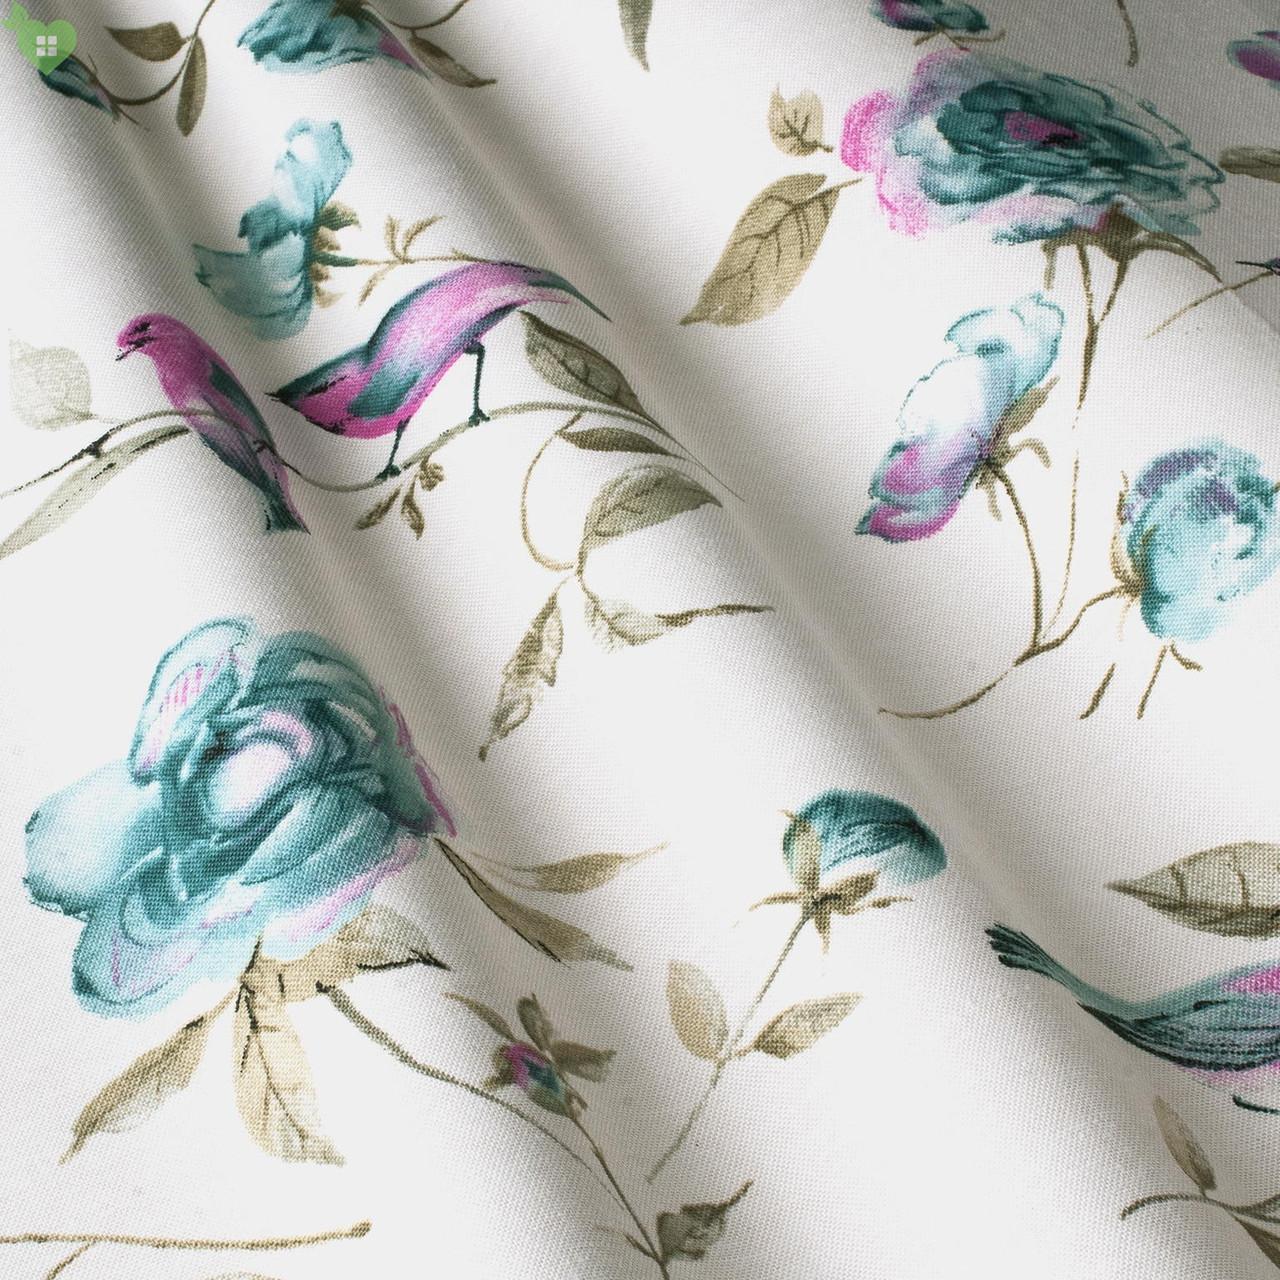 Декоративная ткань с голубыми цветками на стебельках и фиолетовыми птичками Турция 83579v1